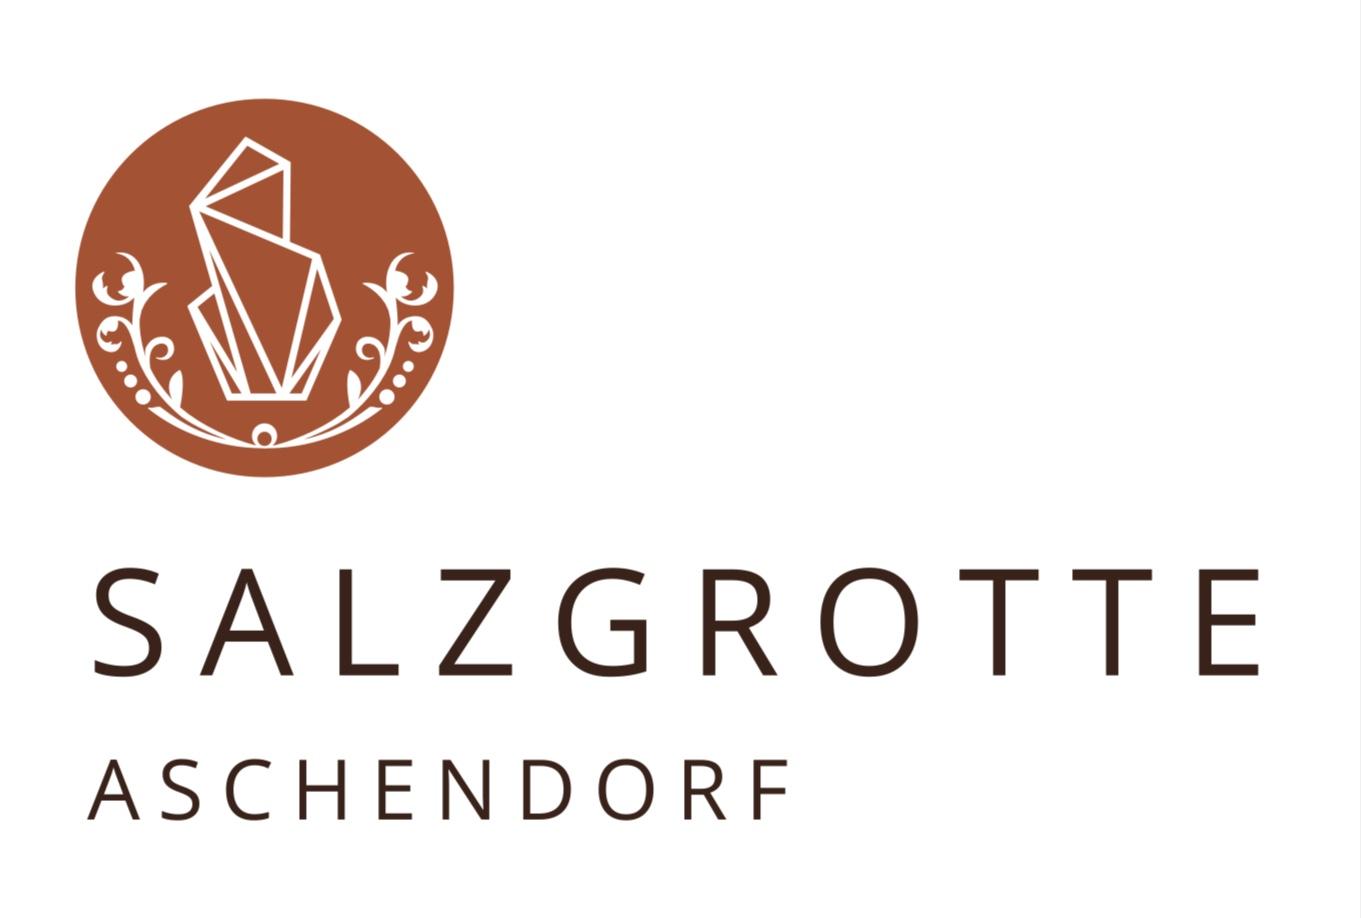 Salzgrotte Aschendorf